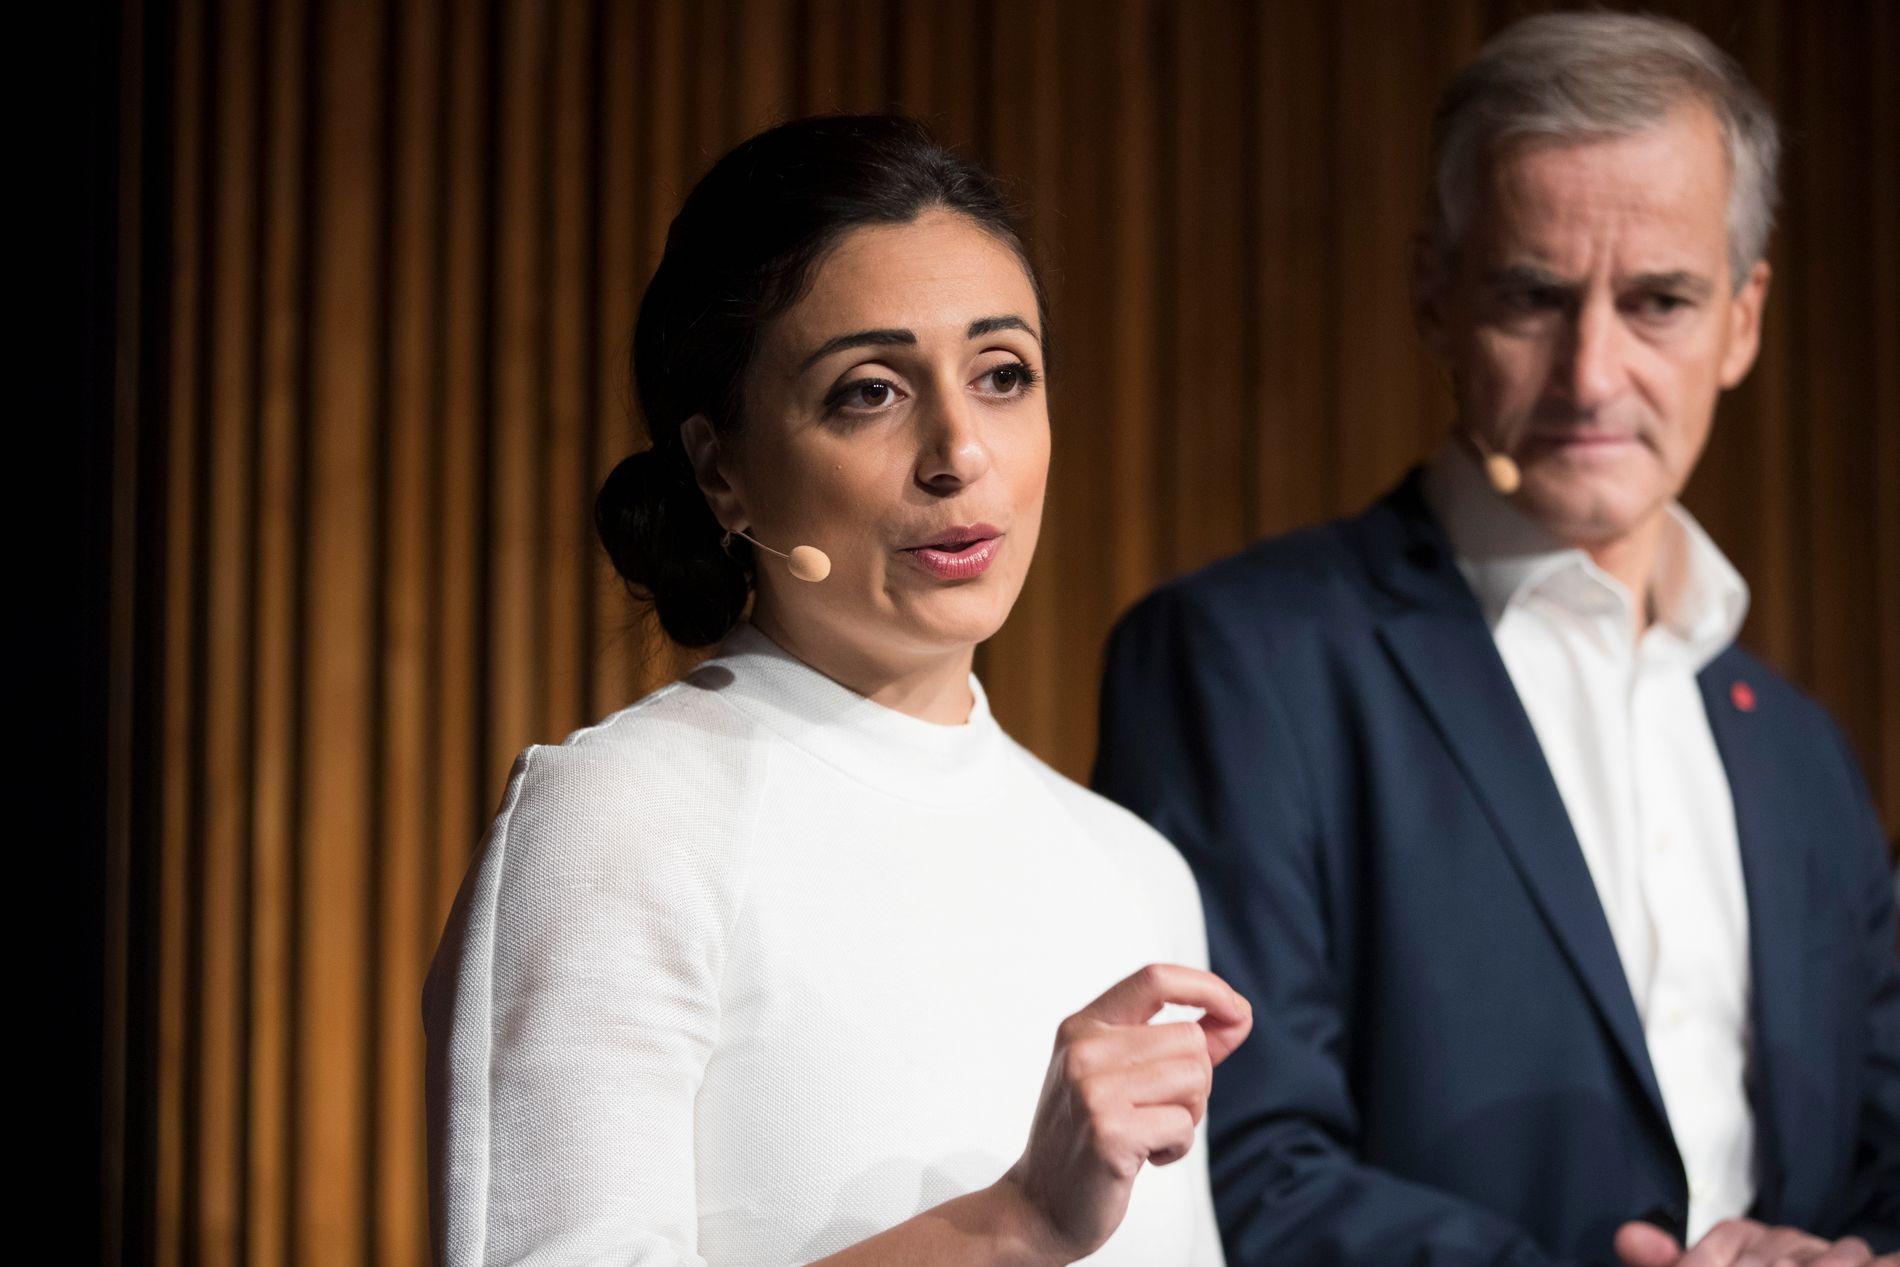 Aps nestleder Hadia Tajik er forsiktig med å trekke en konklusjon om hvorfor kvinneandelen i Ap øker, men forteller om stort engasjement blant kvinnene i abortsaken.